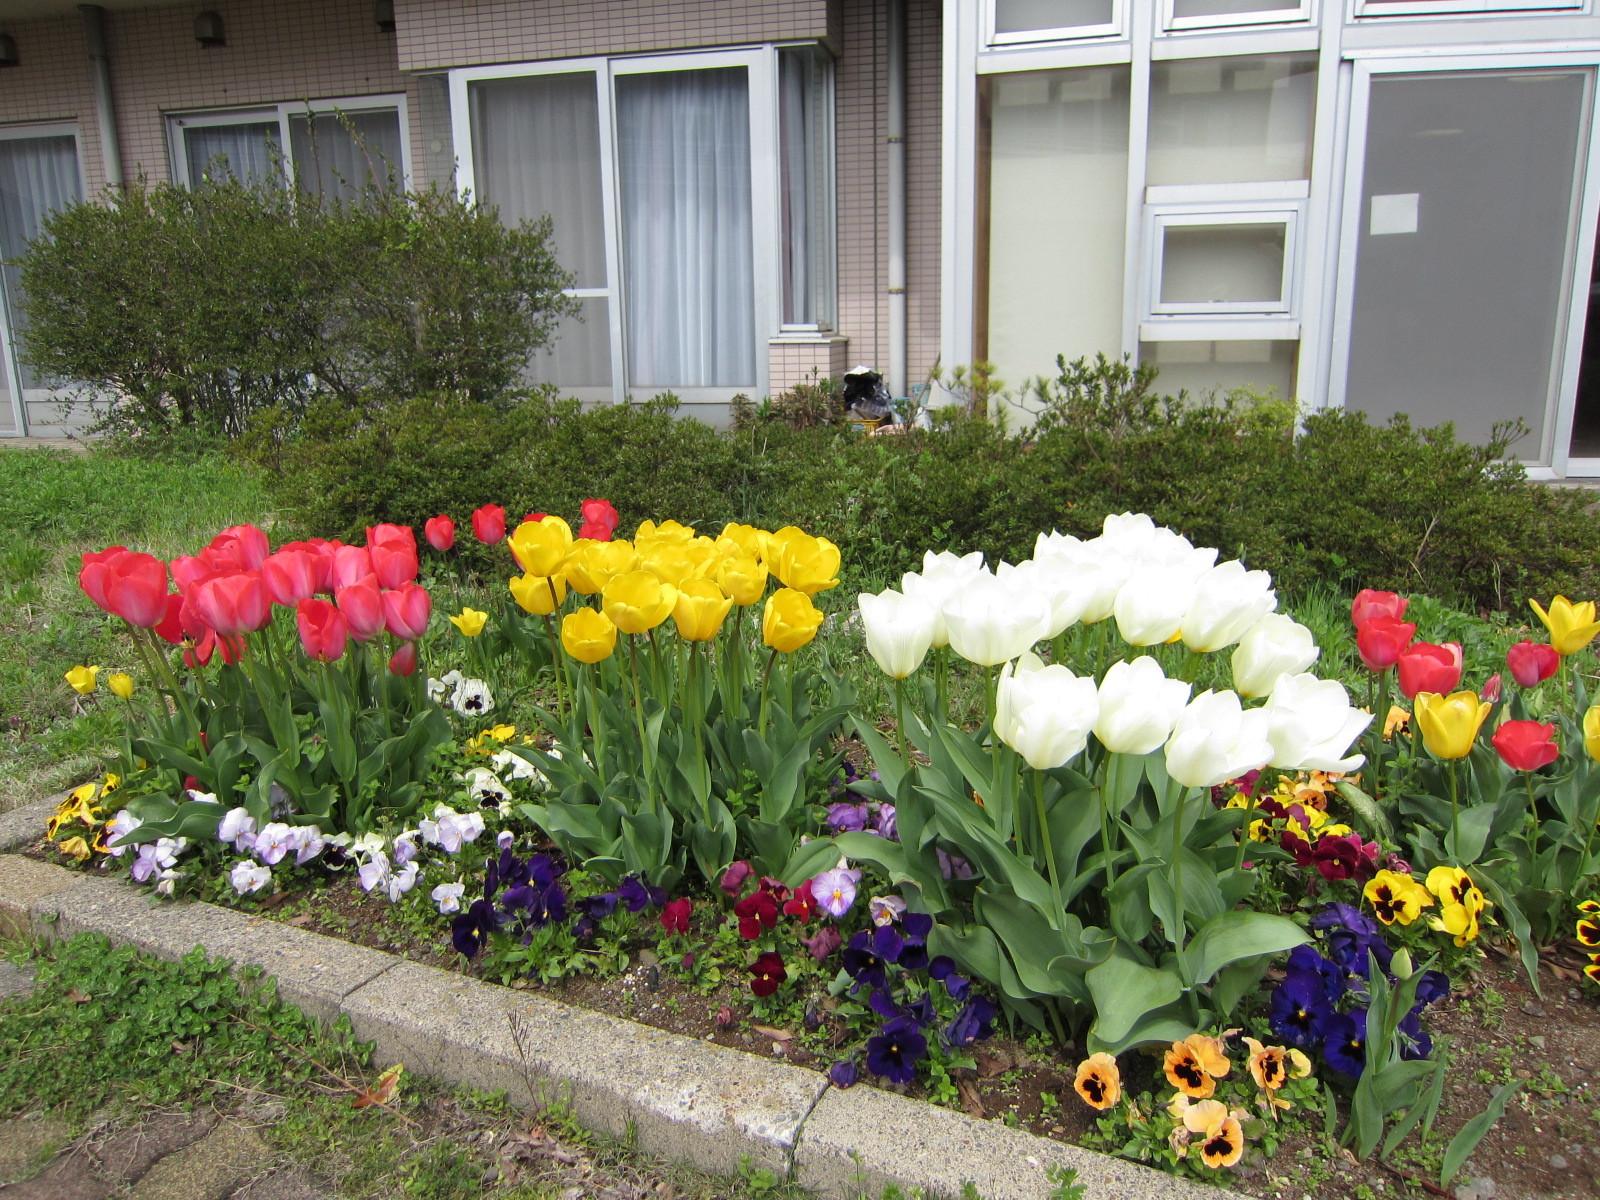 こちらは昨シーズンの様子。どんな風に咲くのか楽しみです。パンジーとチューリップのレイアウトにも注目!